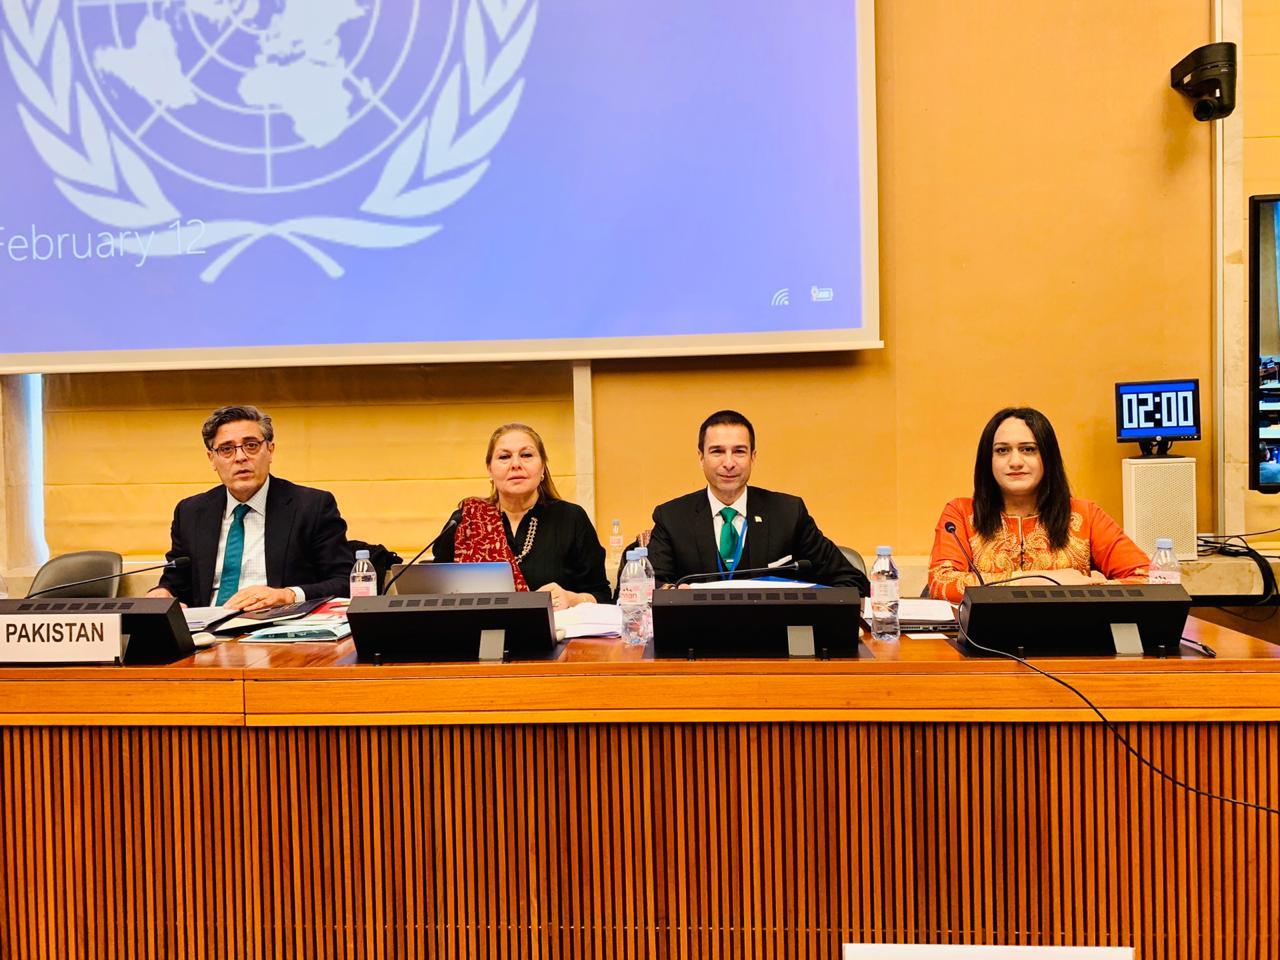 Транс*жінка увійшла в історію, представивши Пакистан в ООН.